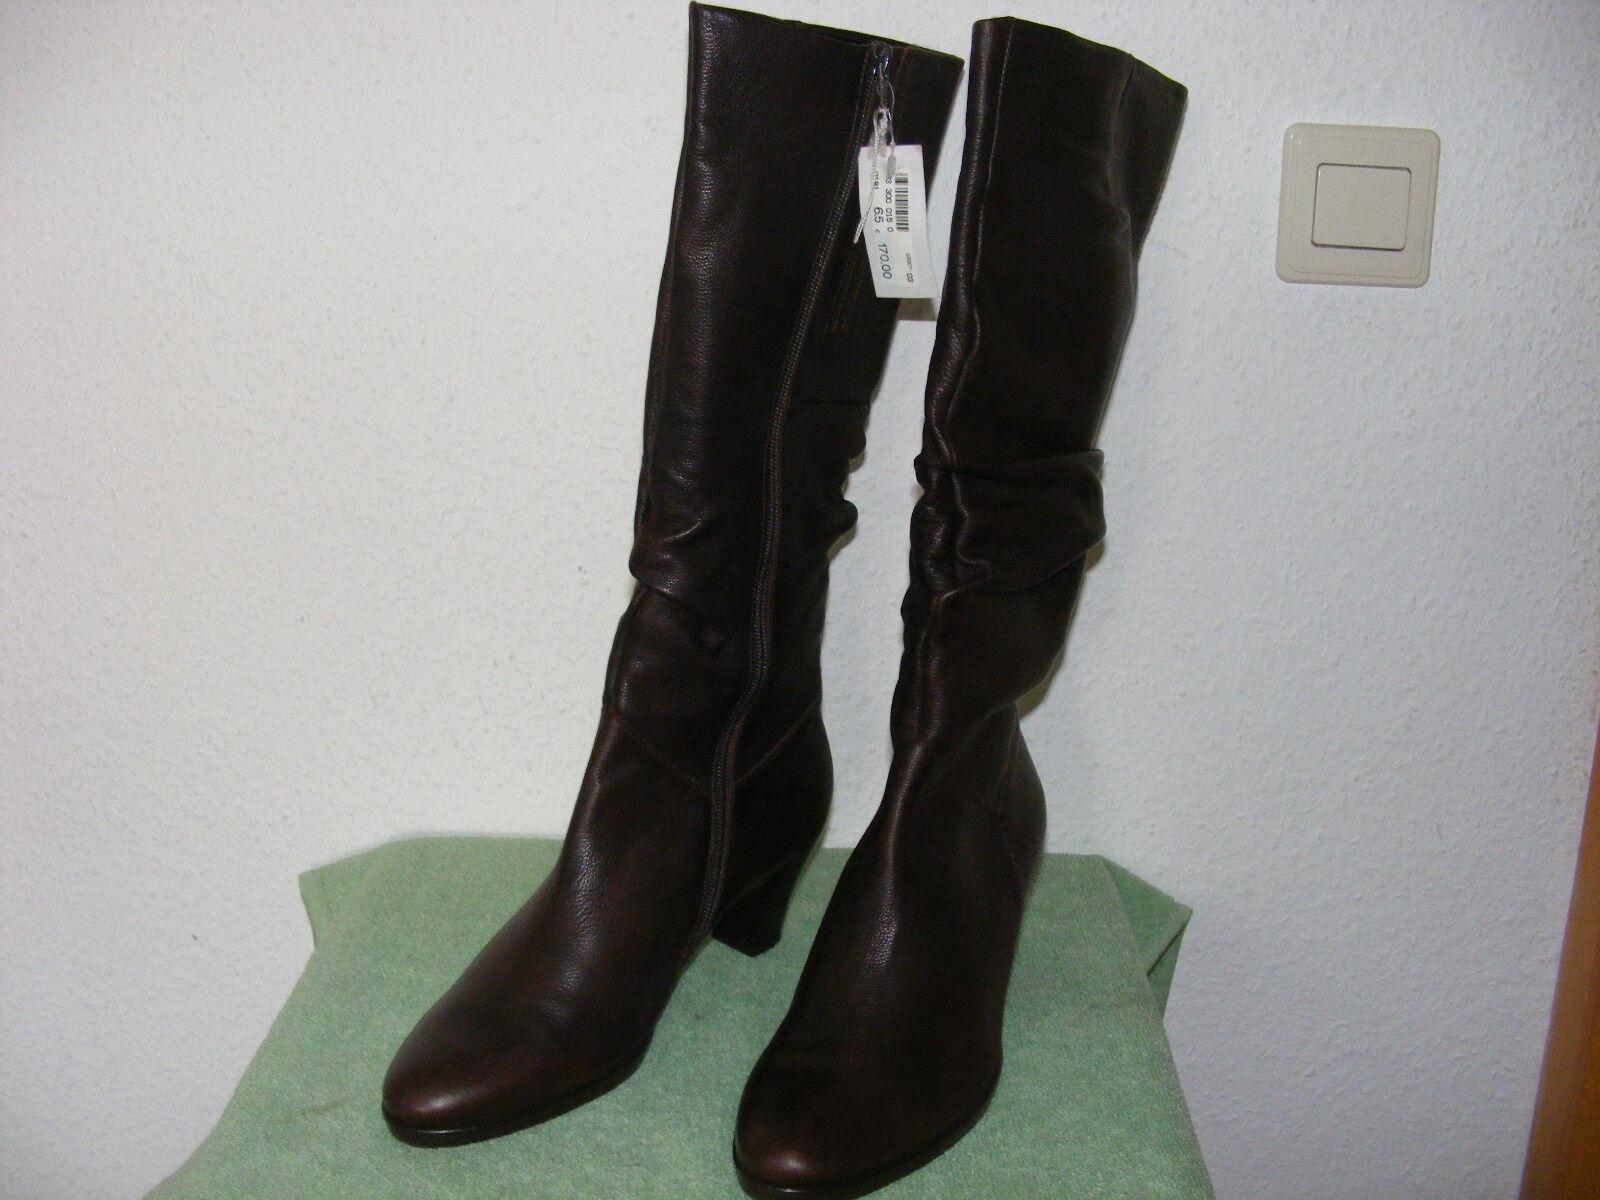 GABOR  Gr. 40,5 Stiefel Stiefel Stiefel  braun Leder kniehoch NEU exquisit braune Lederstiefel 921110